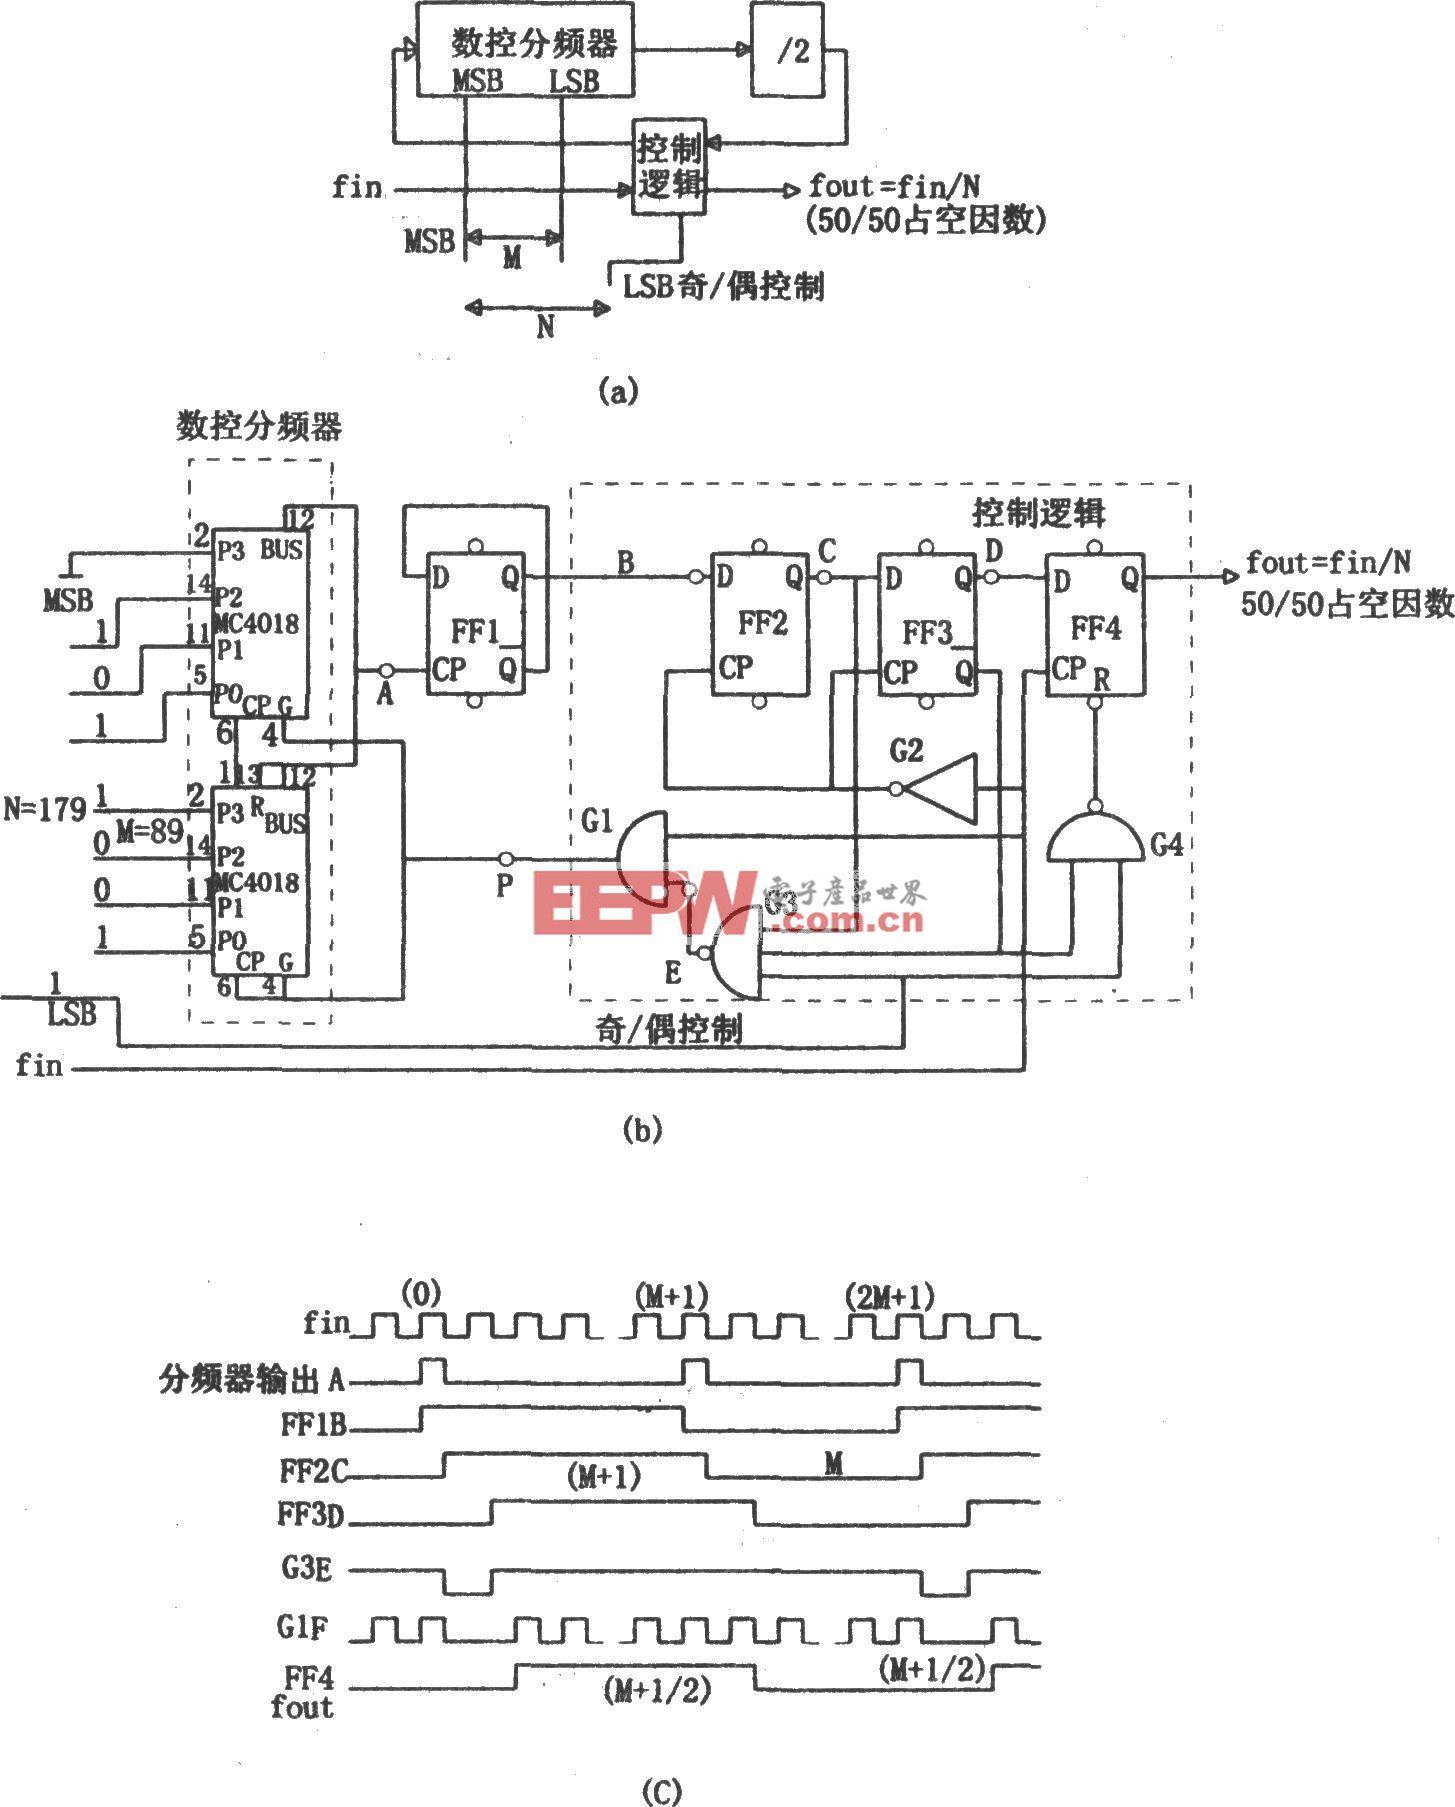 MC4018构成的数控分频器